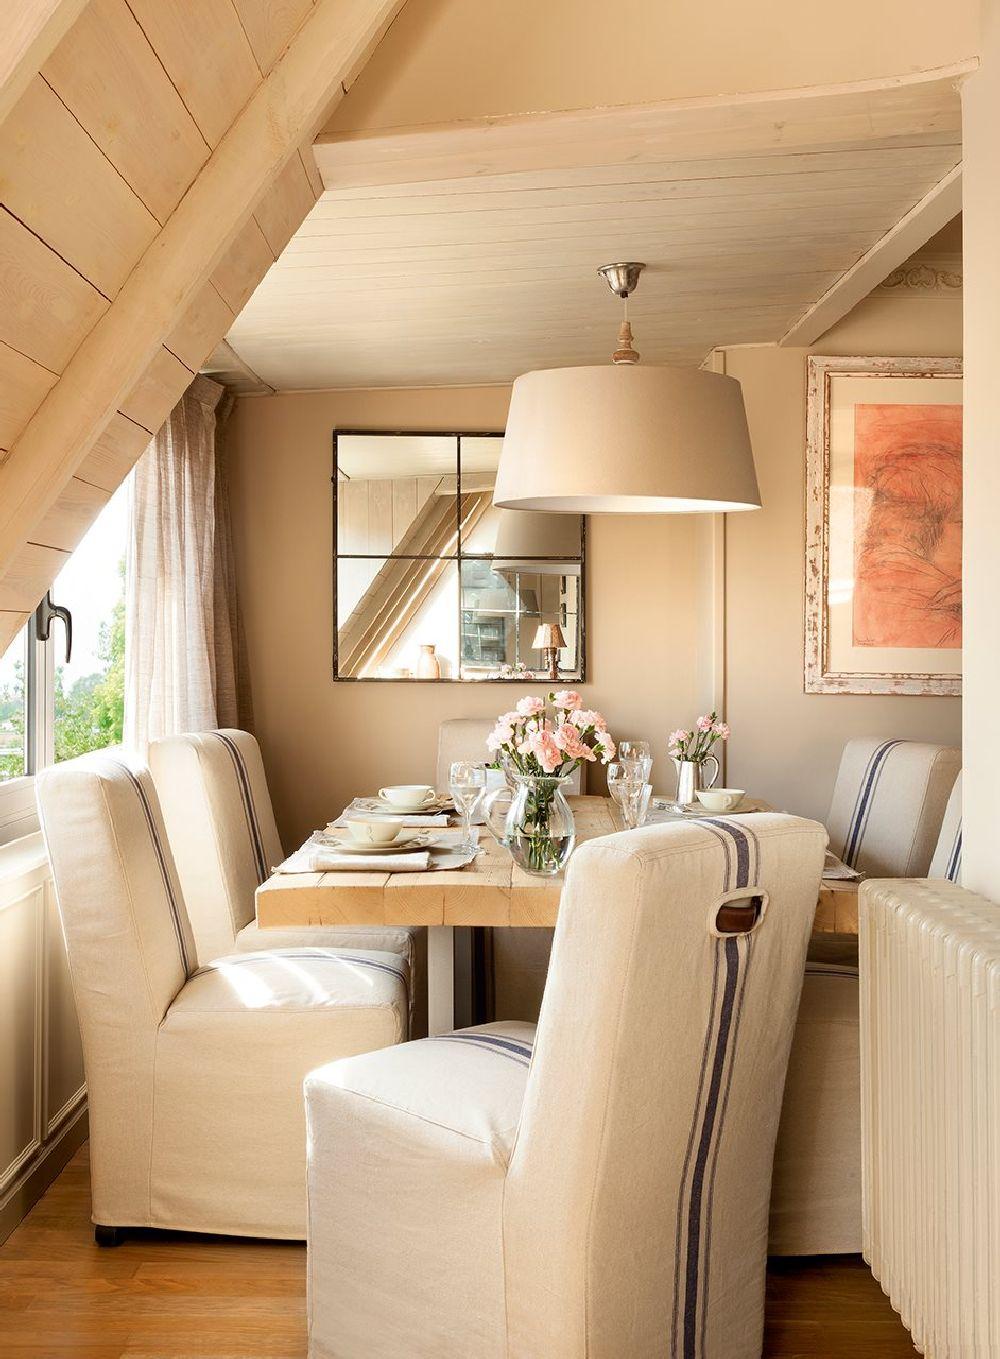 adelaparvu.com despre locuinta parter si mansarda in stil combinat clasic si rustic, designer Jeanette Tresing, Foto ElMueble (4)